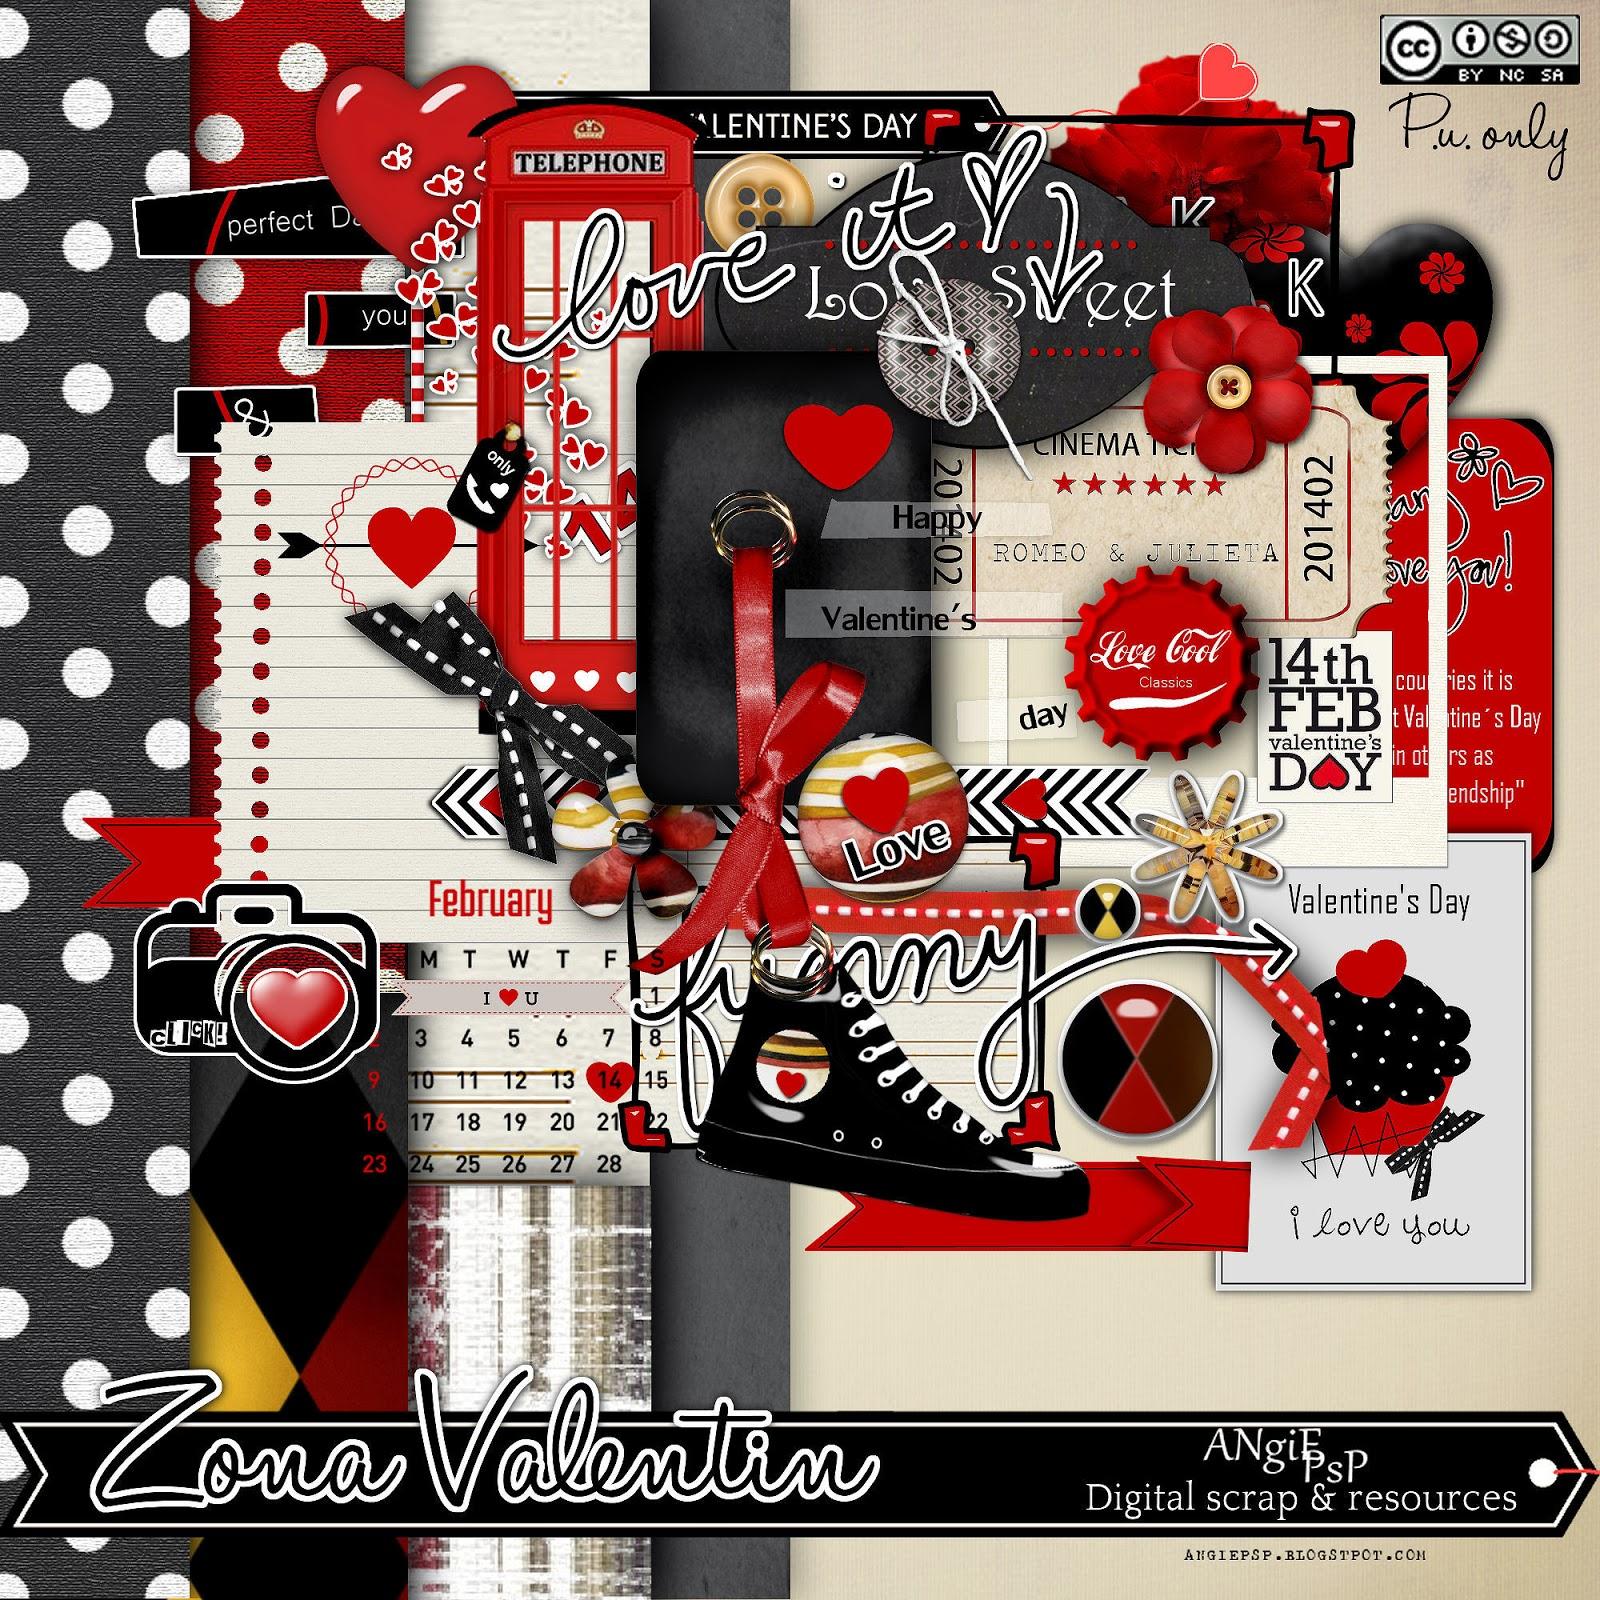 http://2.bp.blogspot.com/-6yF8C_ZYElQ/UvujJXqGipI/AAAAAAAAAUc/5GcPgiN-rF4/s1600/Prew-+Zona+Valentin-+by+AngiePsp-.jpg